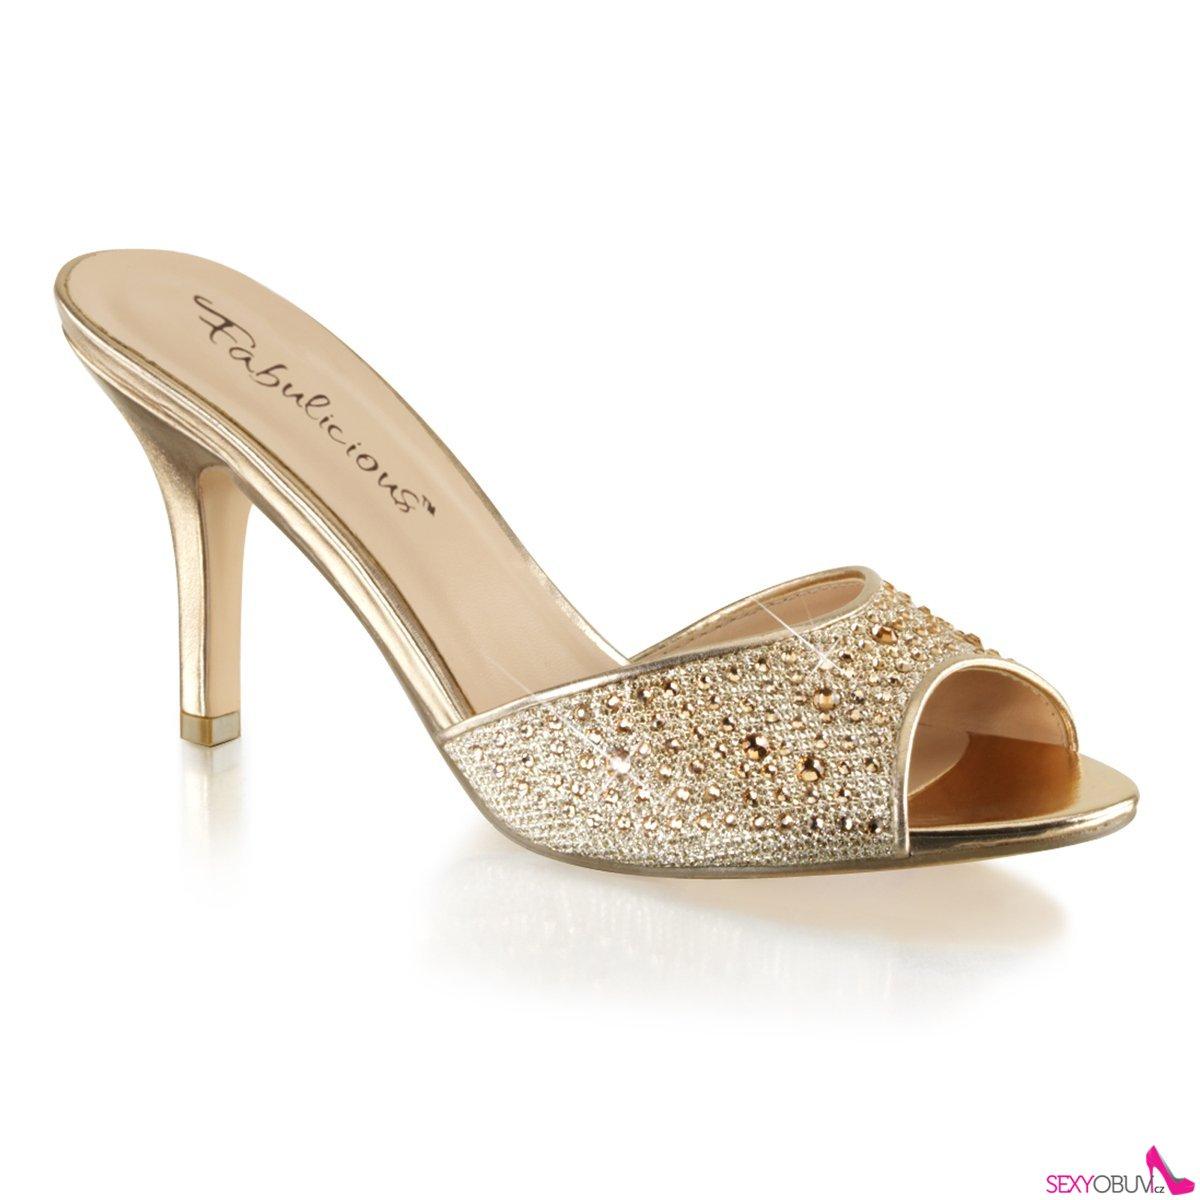 LUCY-01 Zlaté pantofle na středně vysokém podpatku 43b708d1d8